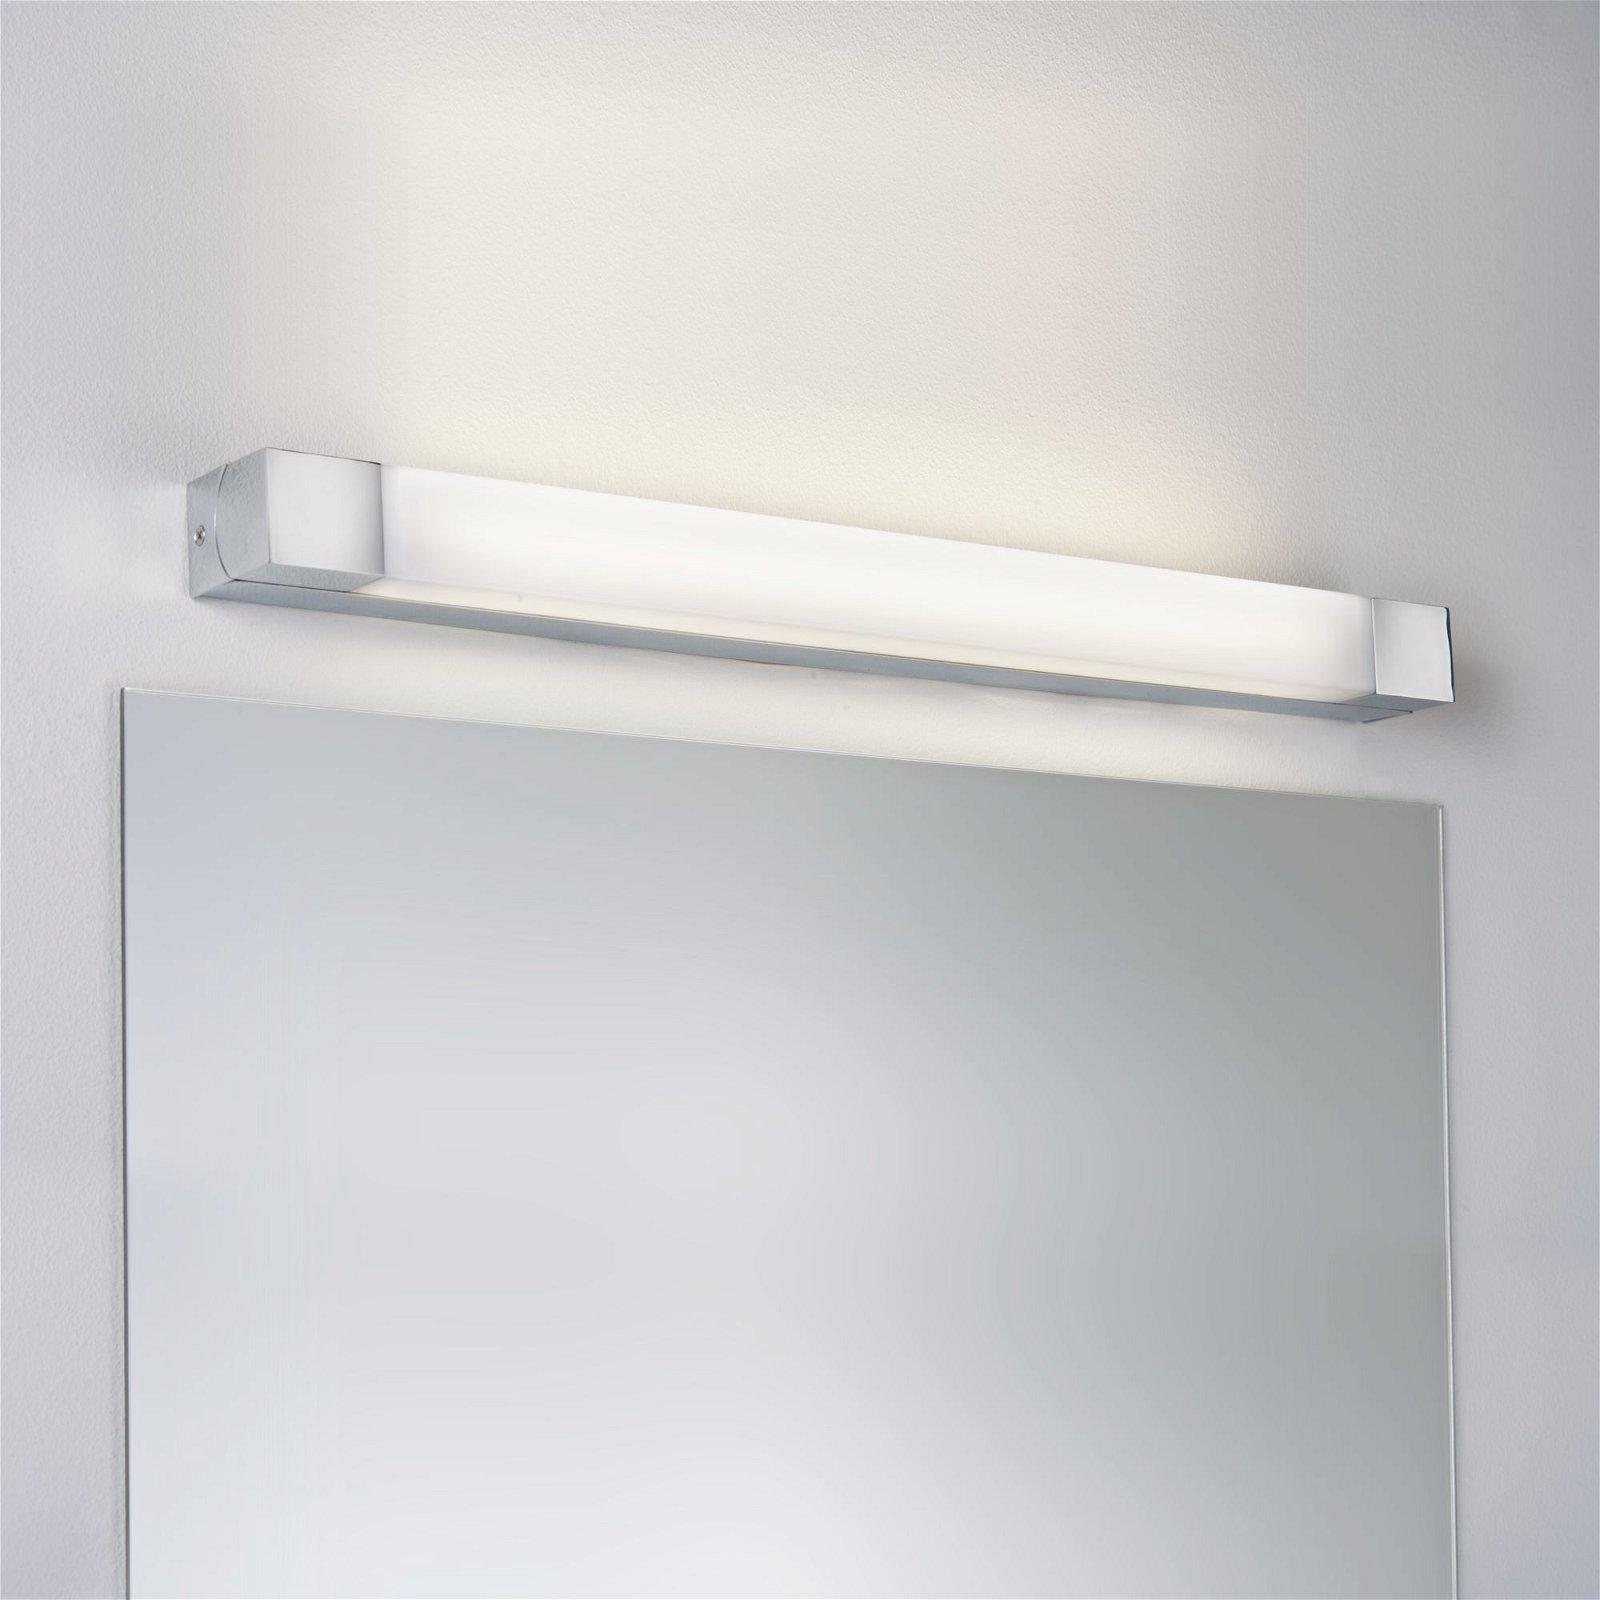 LED Spiegelleuchte Quasar IP44 3000K 980lm 230V 7,5W Chrom/Weiß